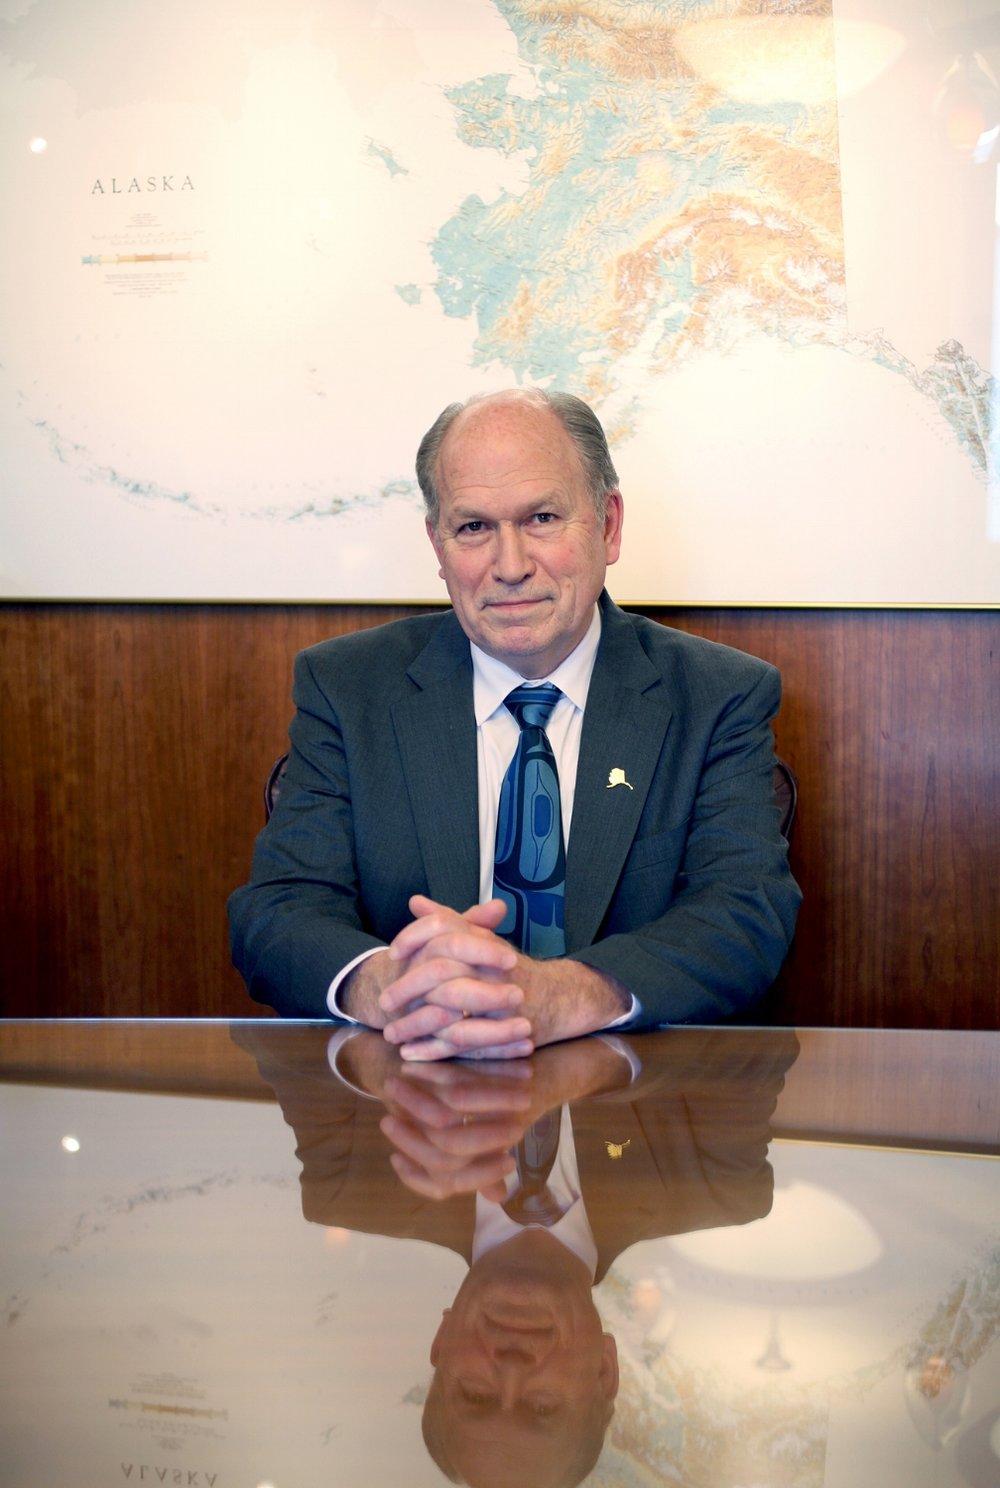 Bill Walker, Governor of Alaska